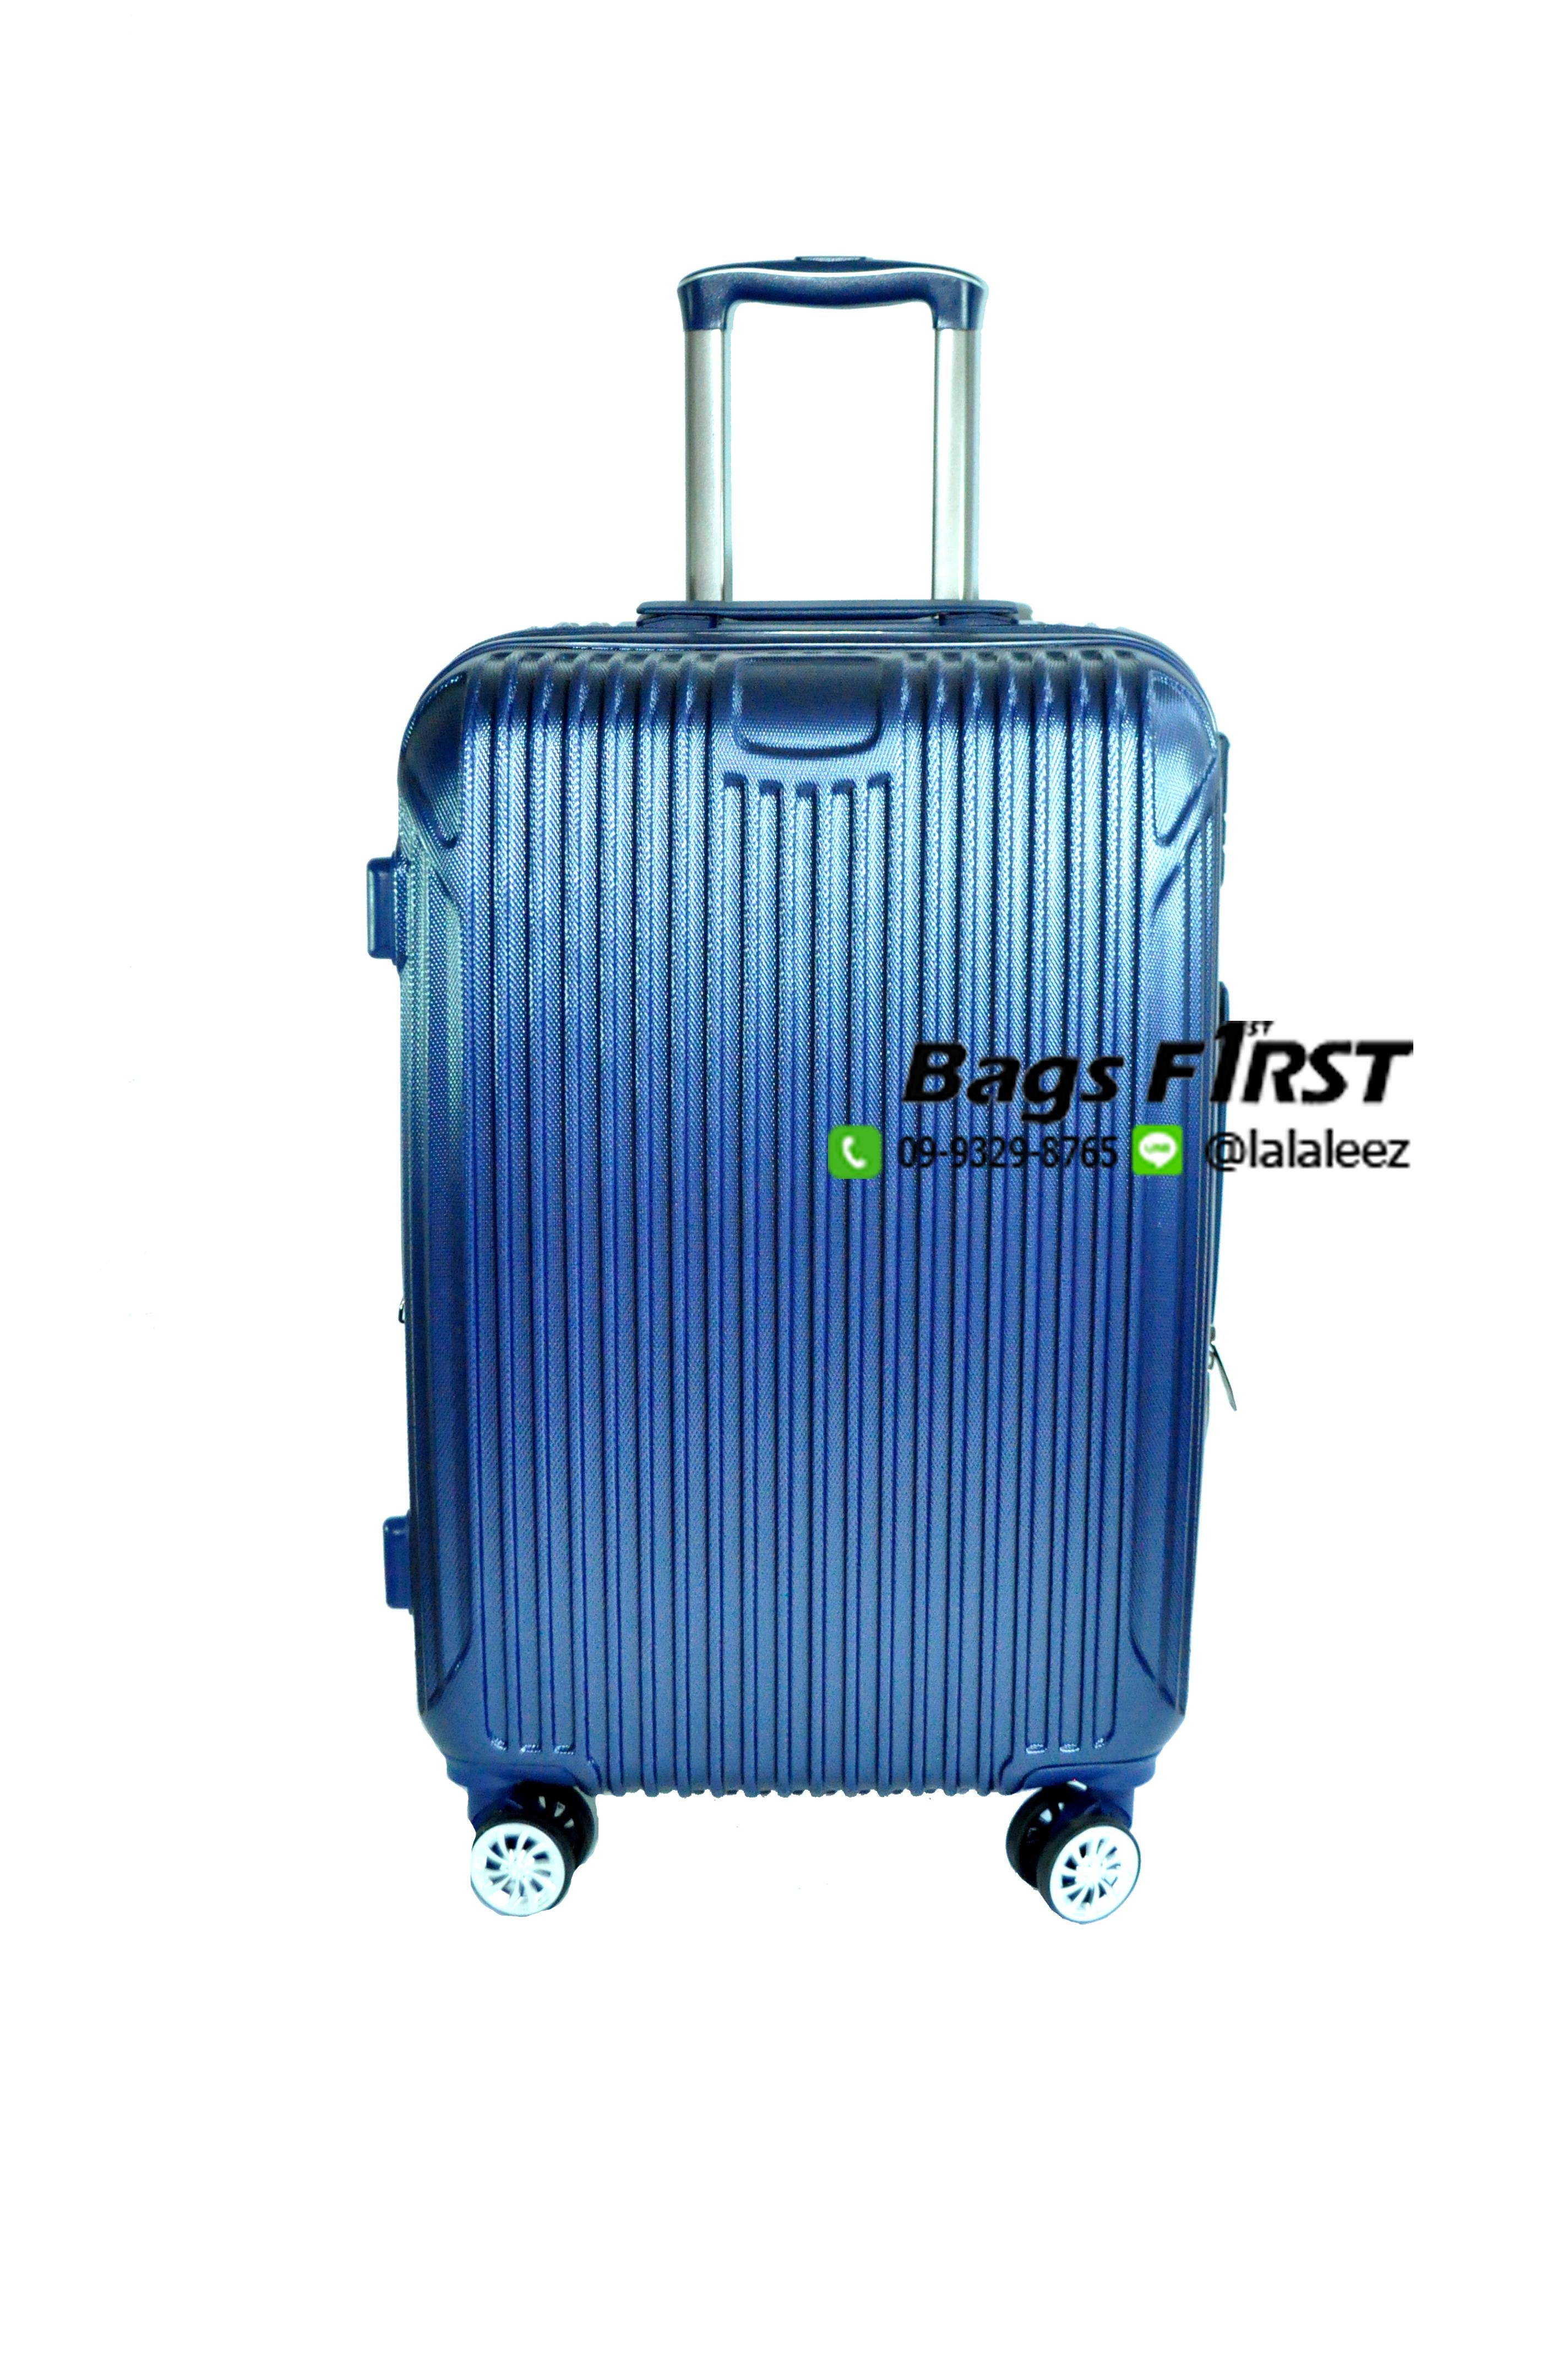 กระเป๋าเดินทางวัสดุไฟเบอร์ รหัส 5327 สีน้ำเงิน ขนาด 20 นิ้ว